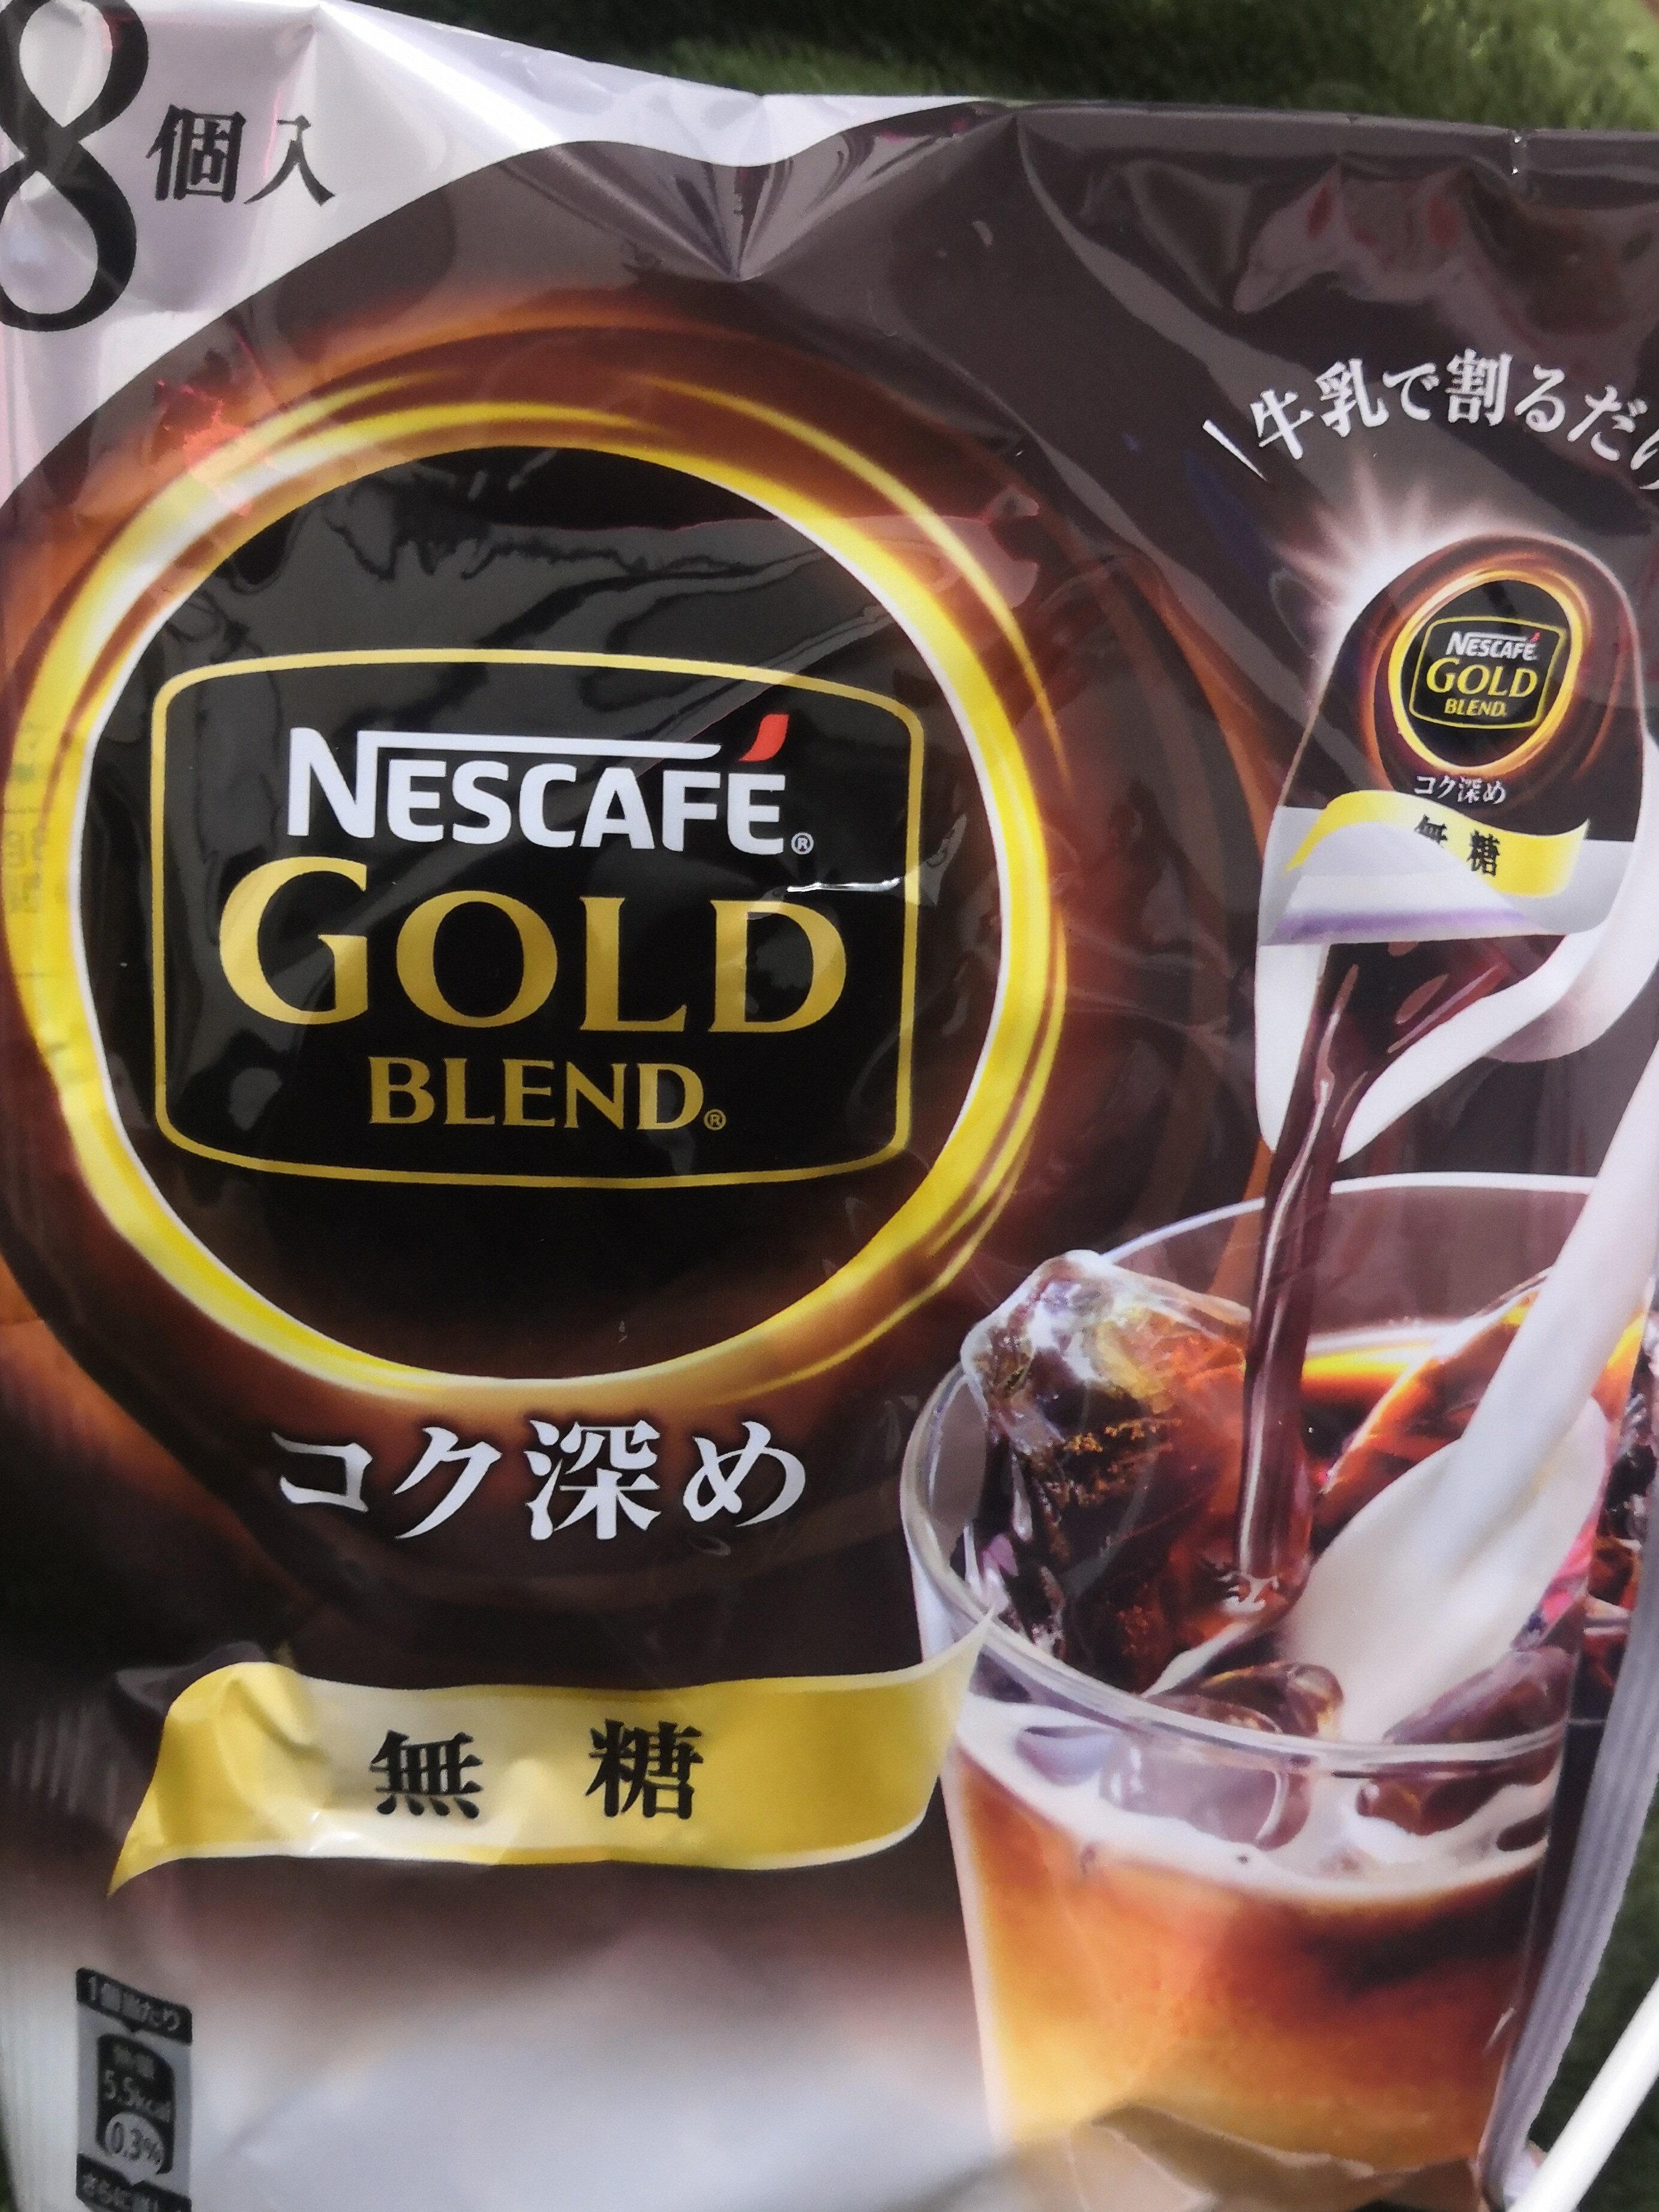 NESCAFE Gold Blend 200g - Προϊόν - en